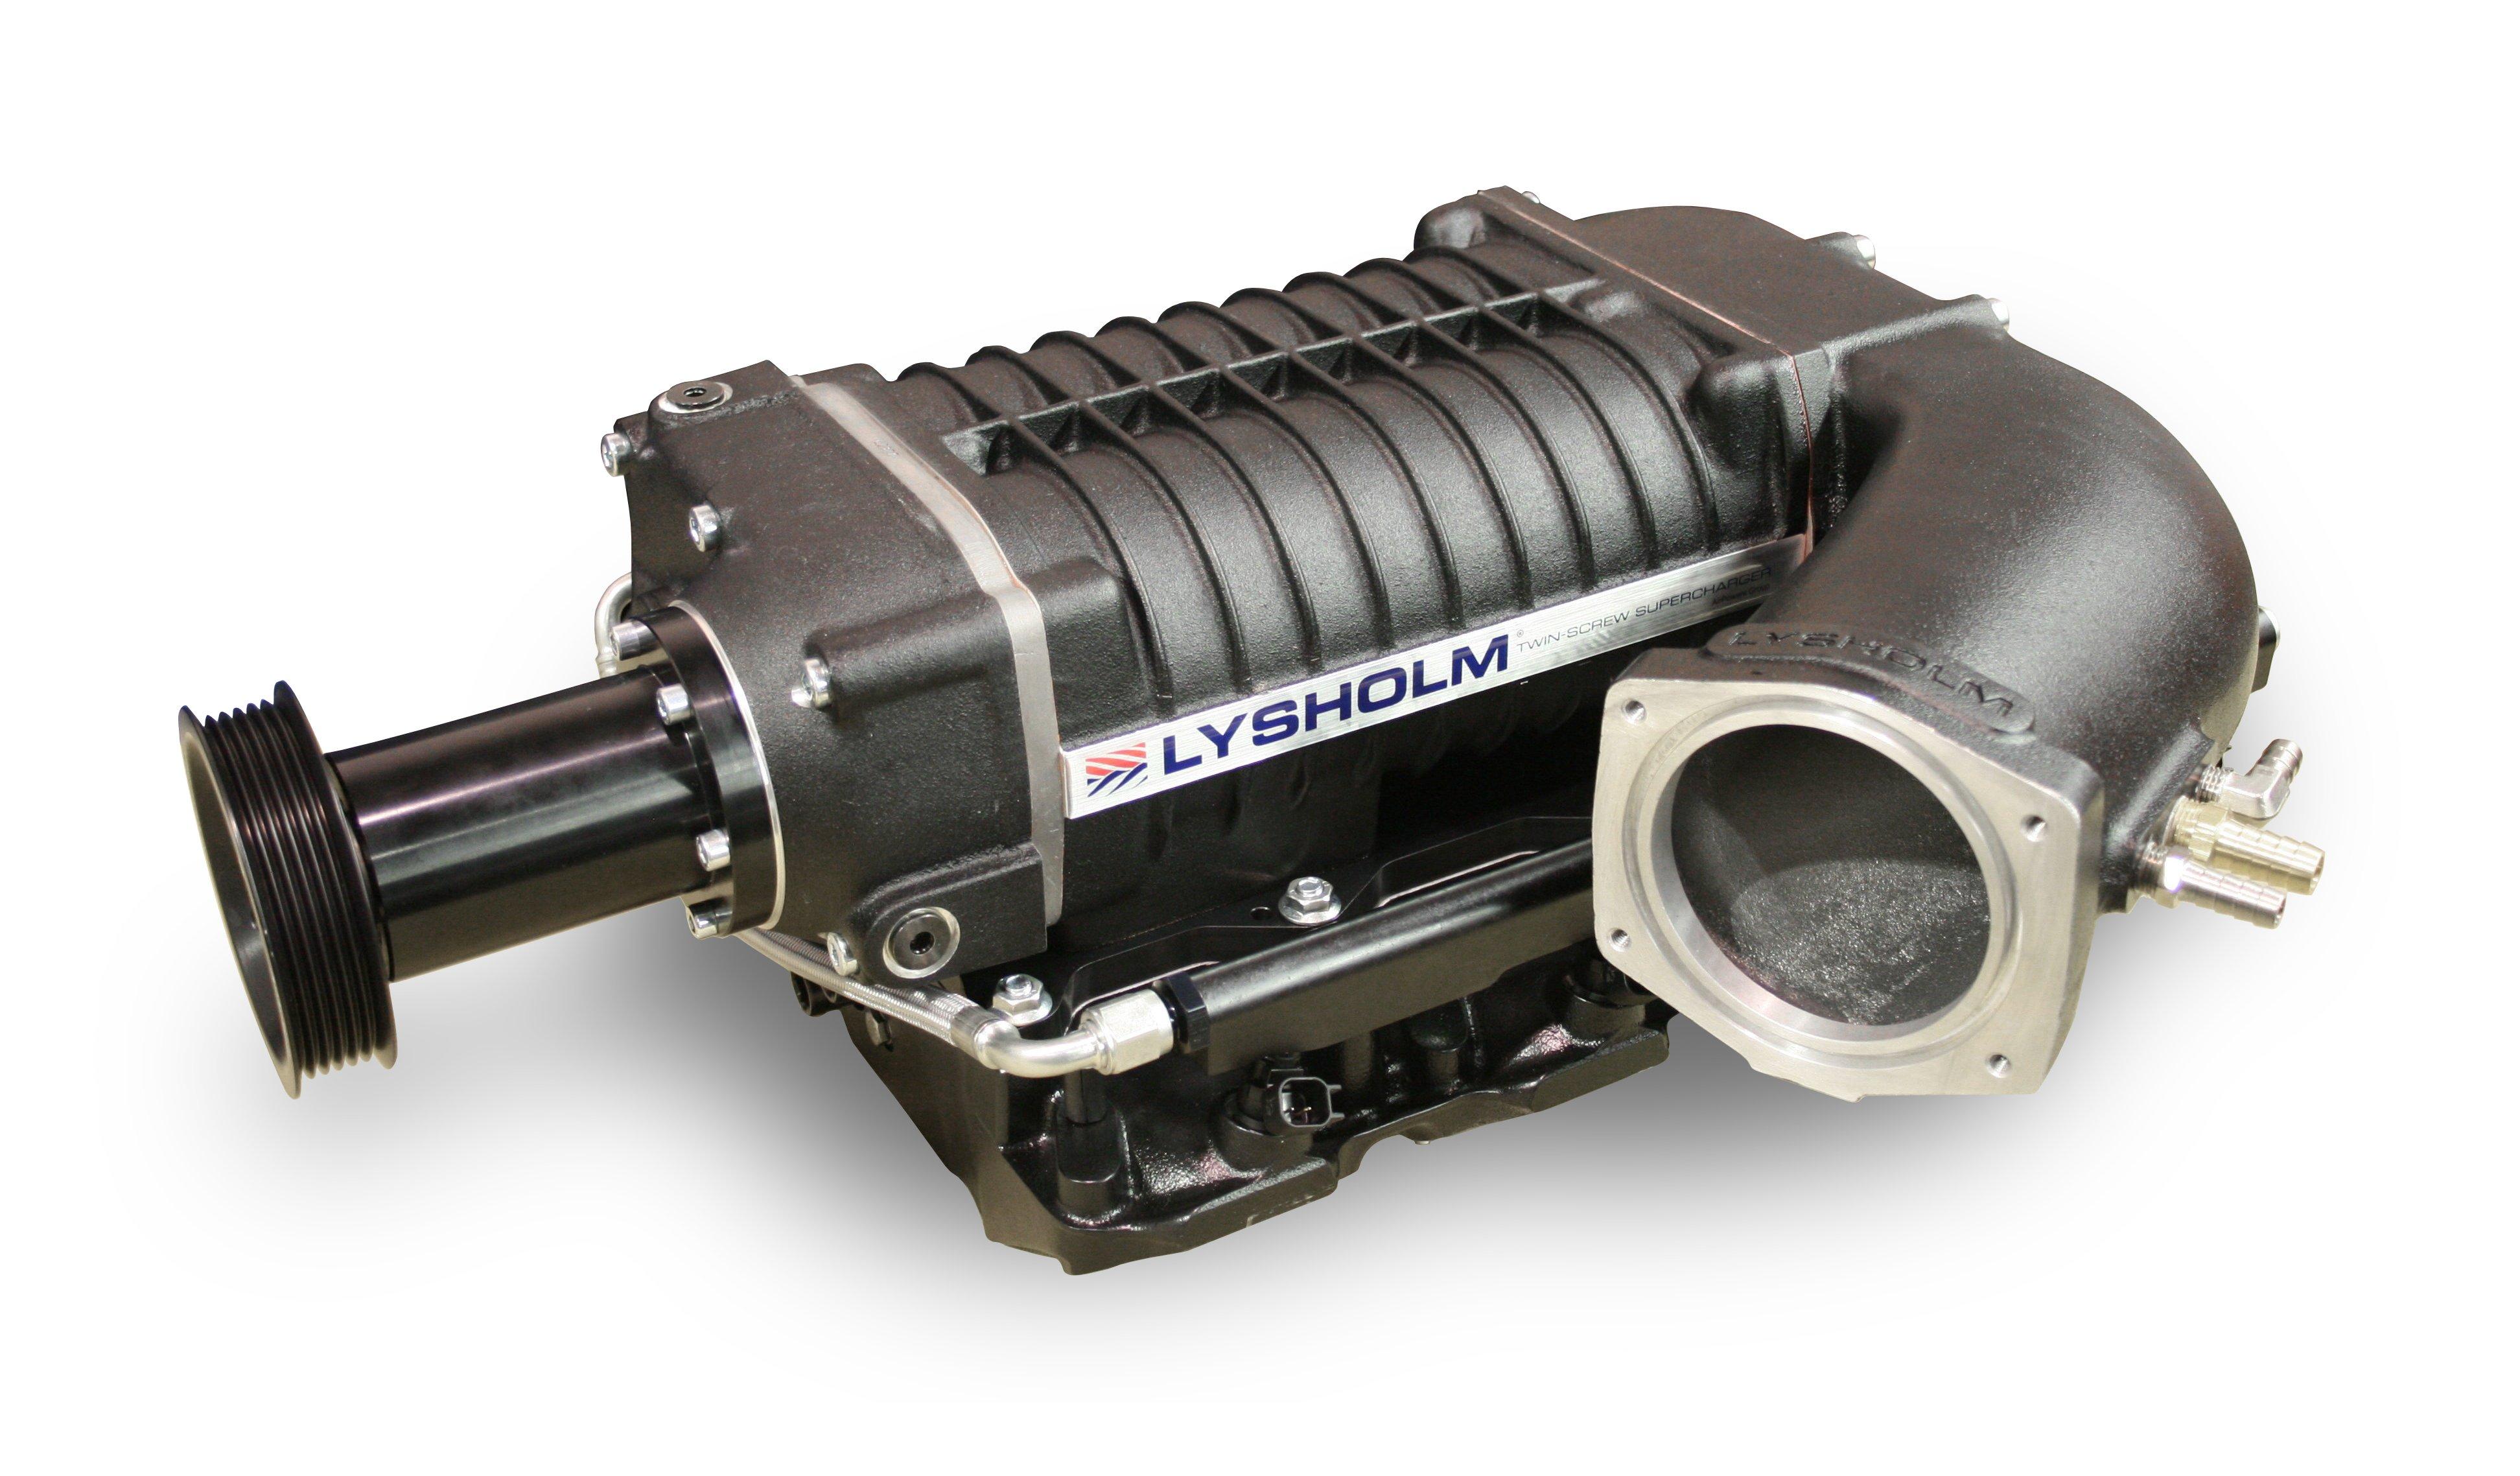 Compressor Lysholm, usado em versões de Mustang, Camaro e Cherokee